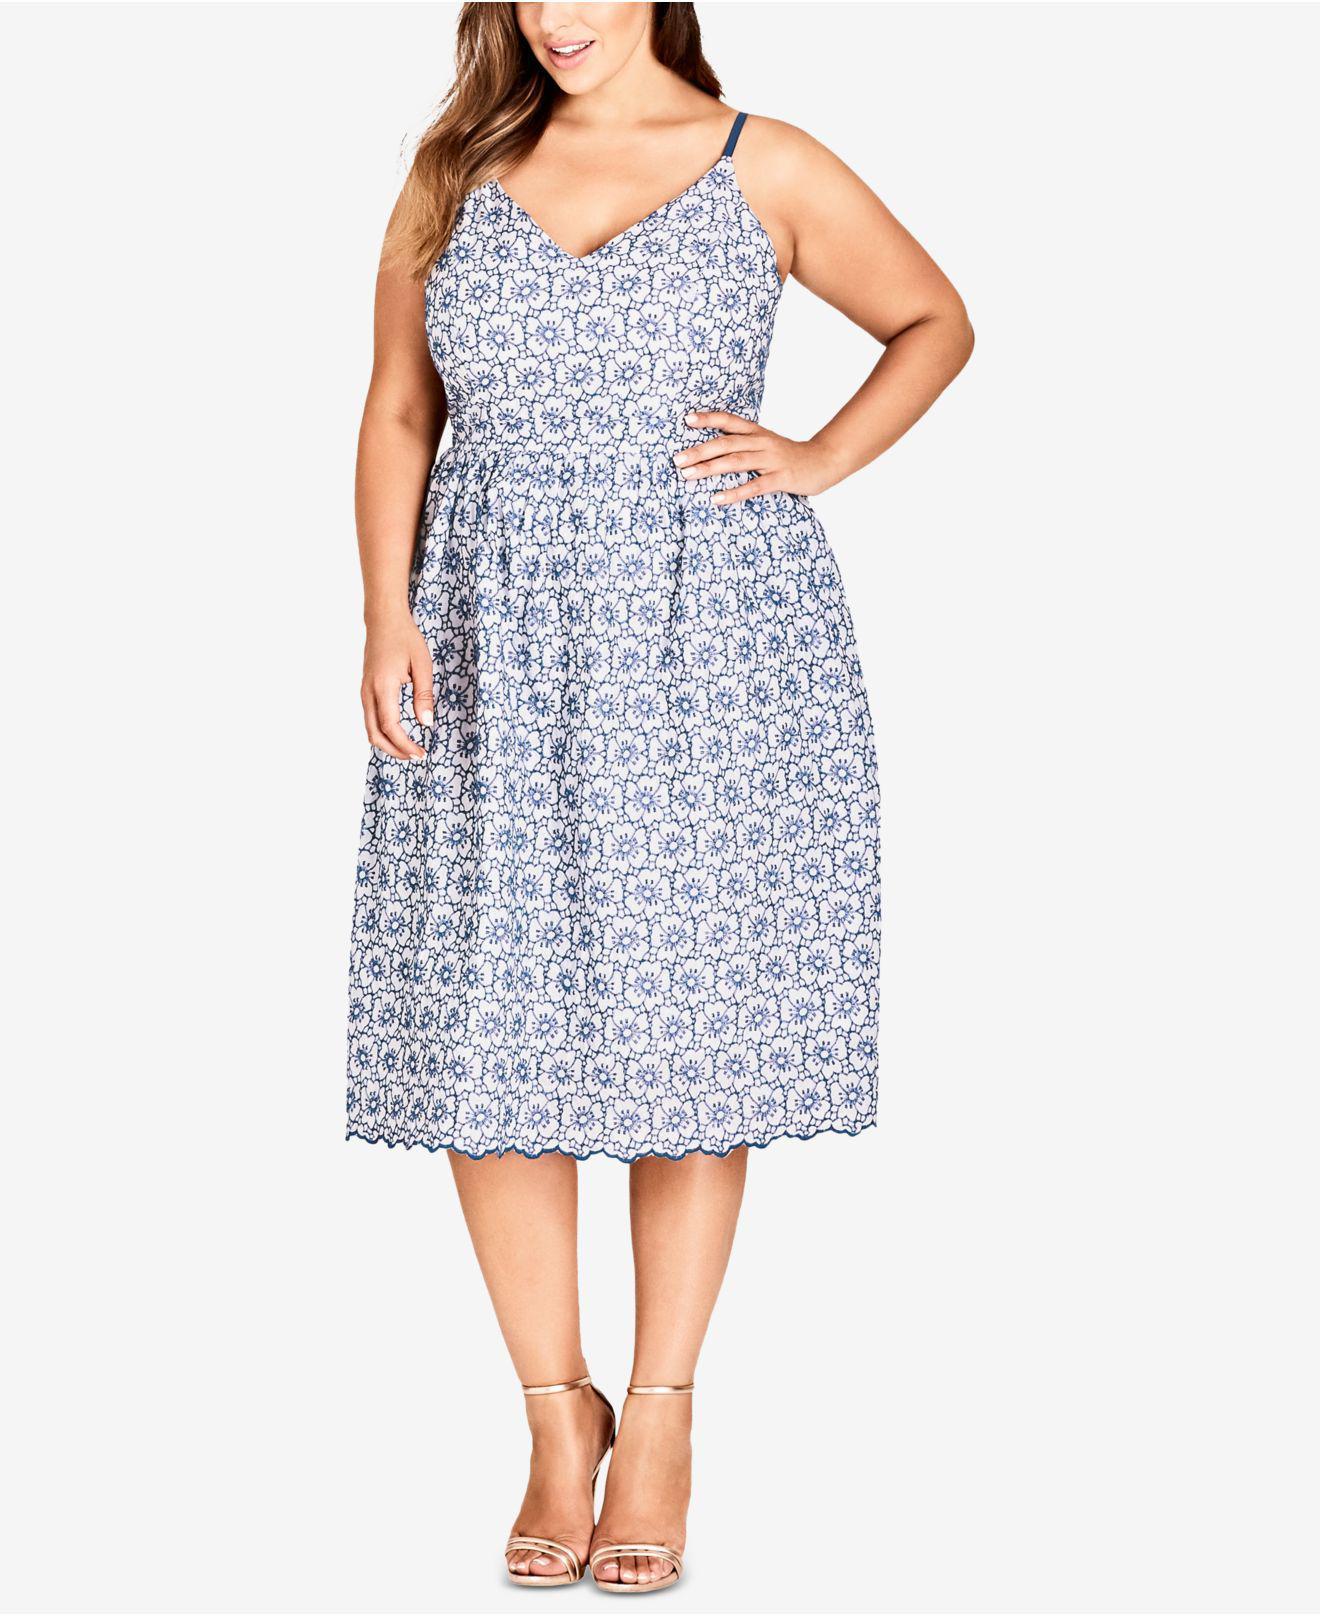 a41e73f153f City Chic. Women s Trendy Plus Size Cotton Fit   Flare Midi Dress